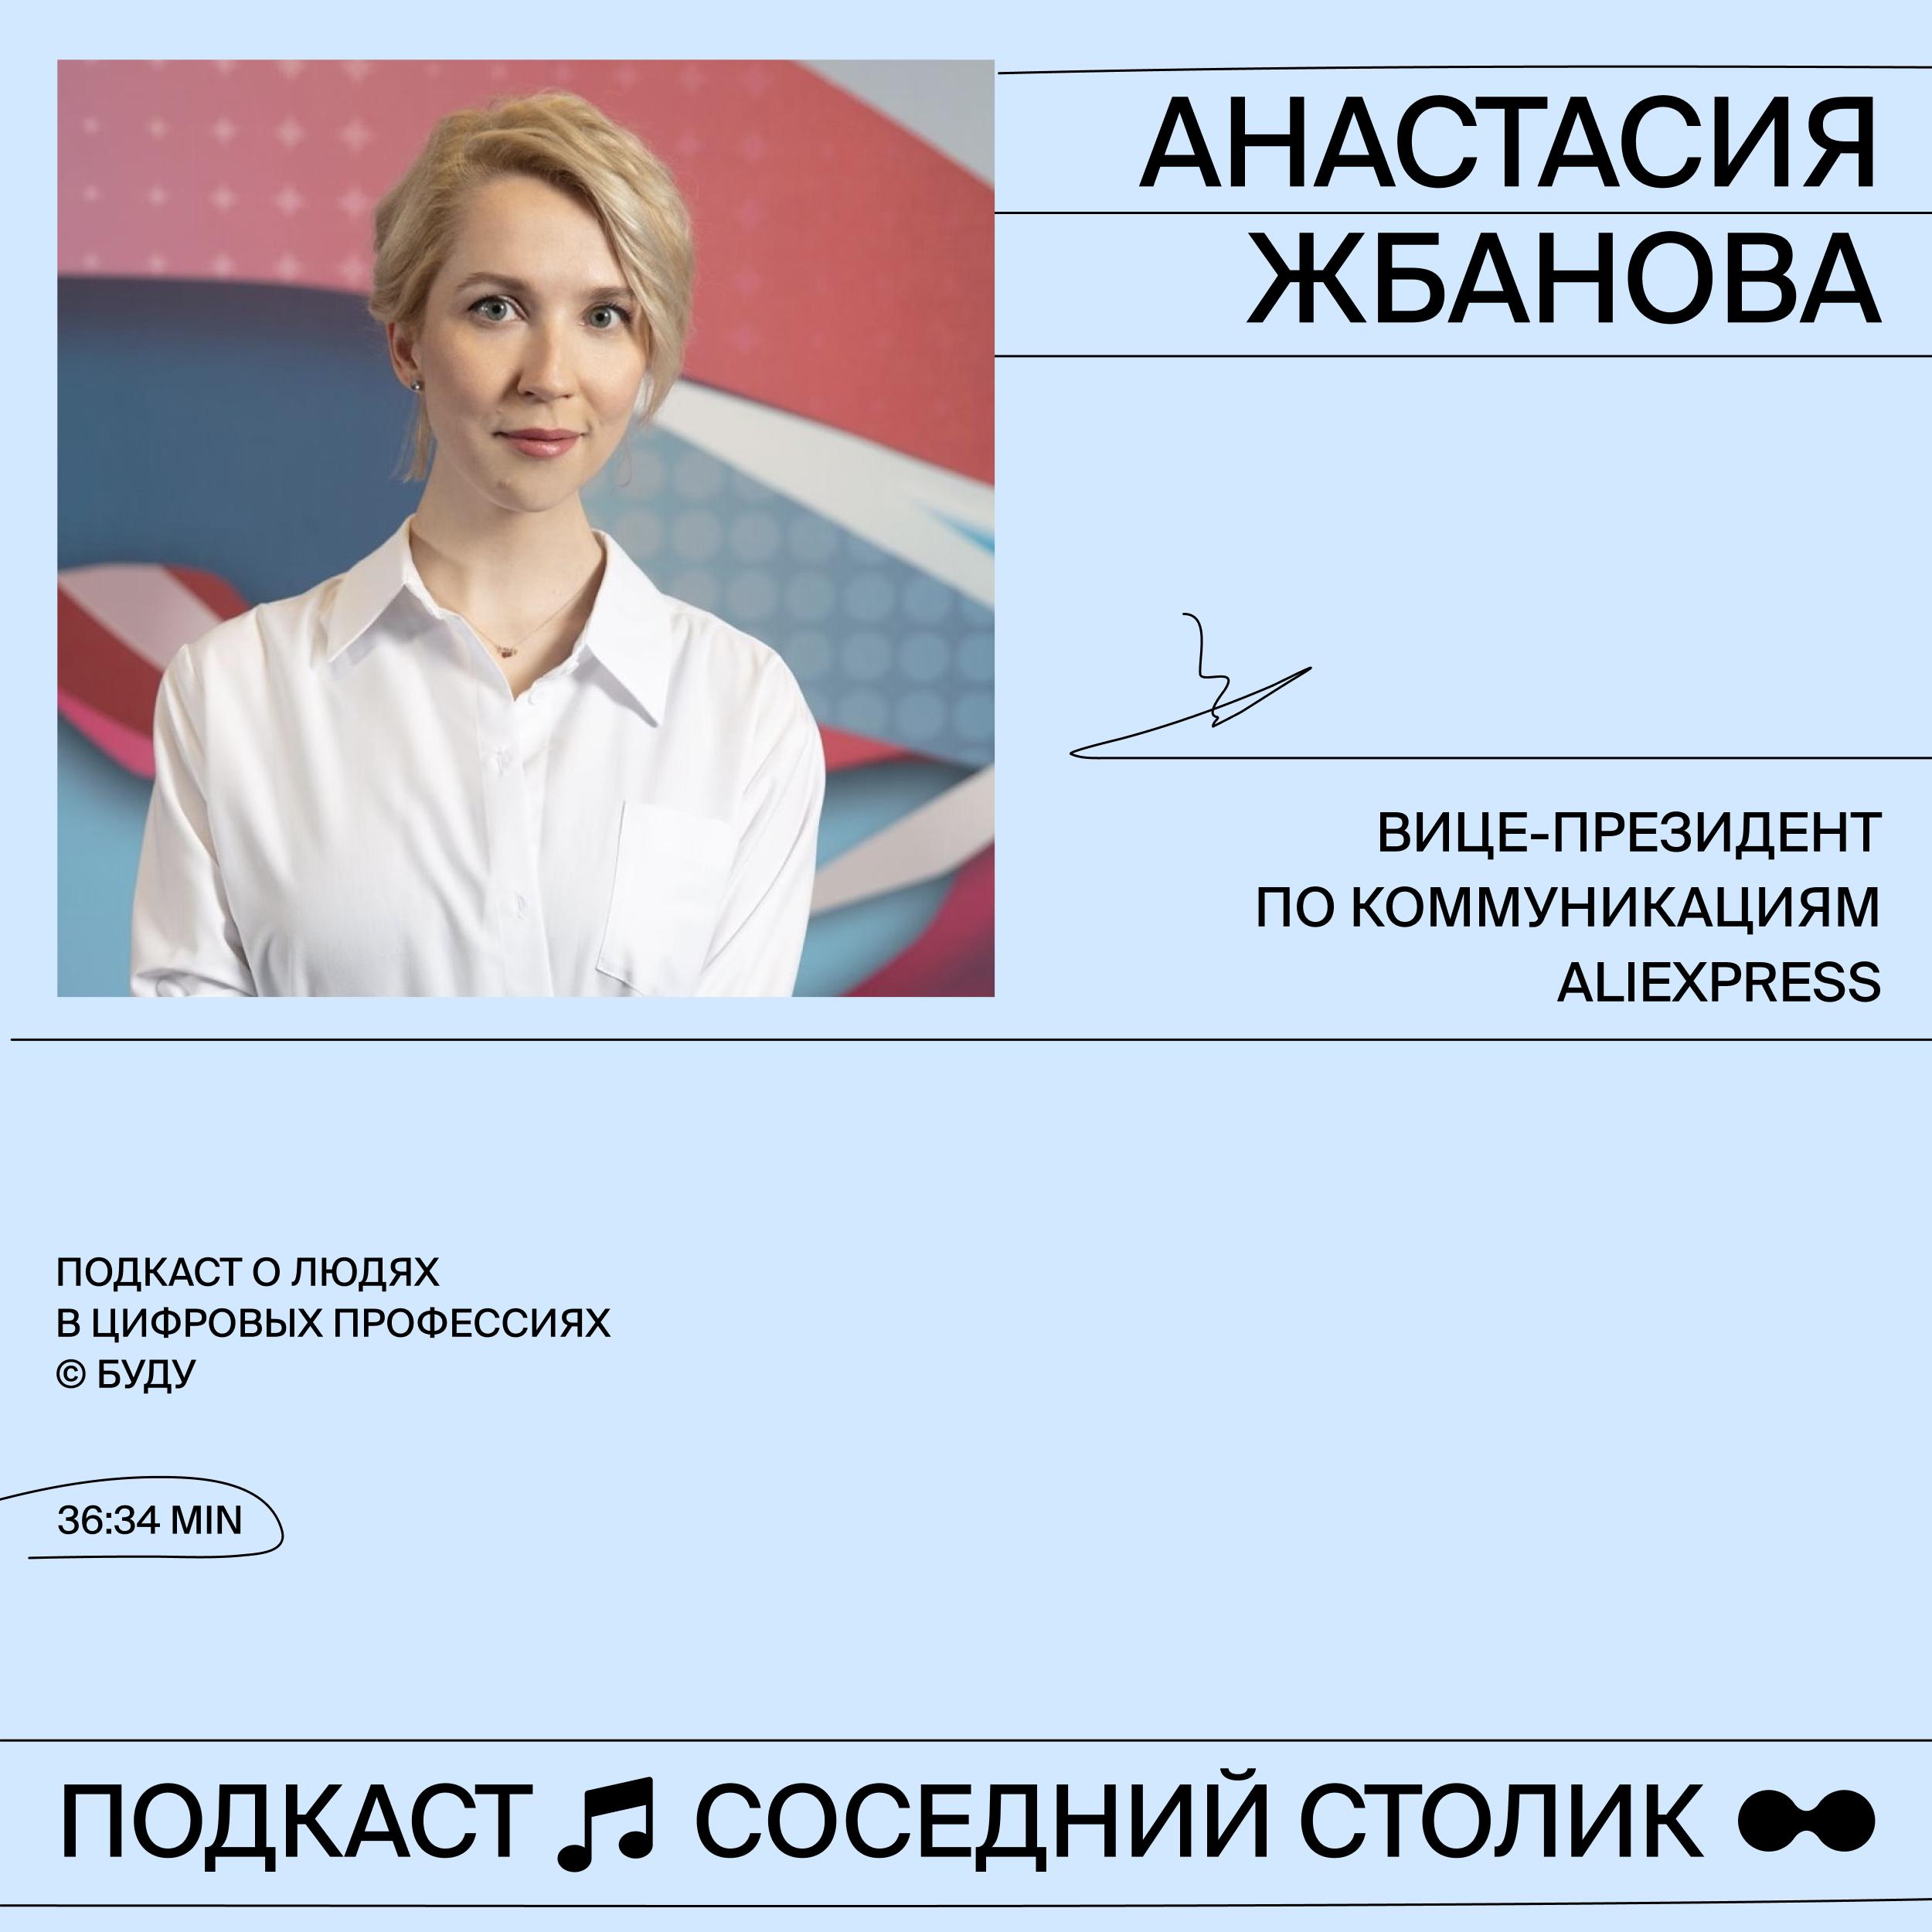 Анастасия Жбанова, AliExpress: работа с Китаем, высшее образование в PR, личный бренд